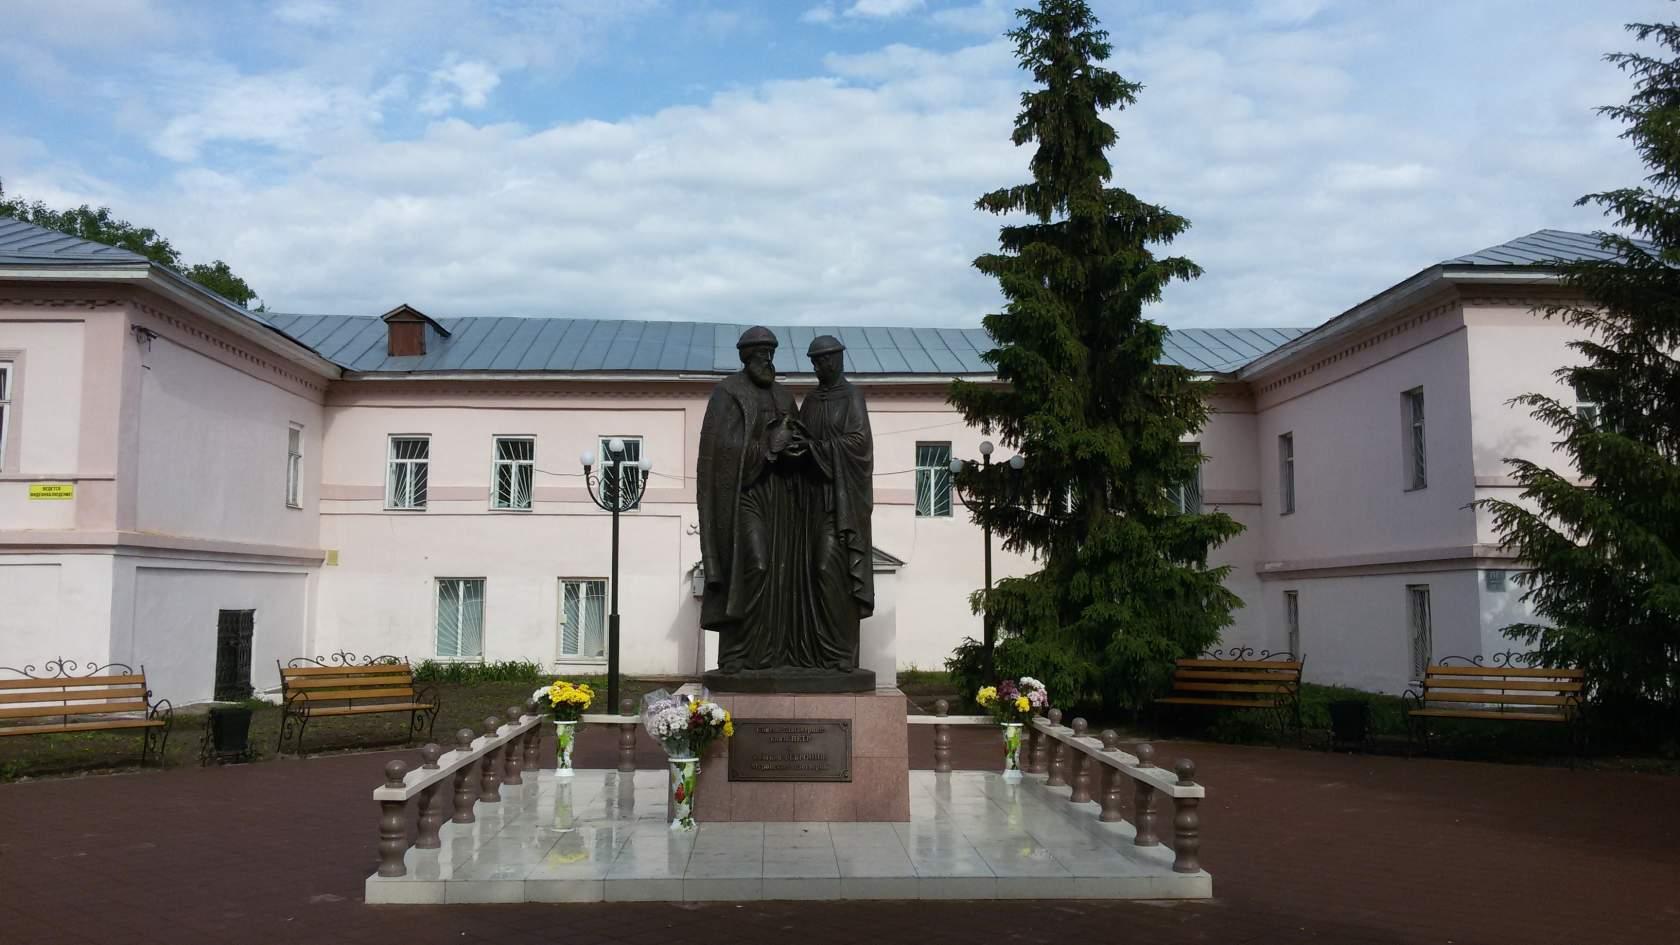 Сергачский краеведческий музей (Нижегородская область)